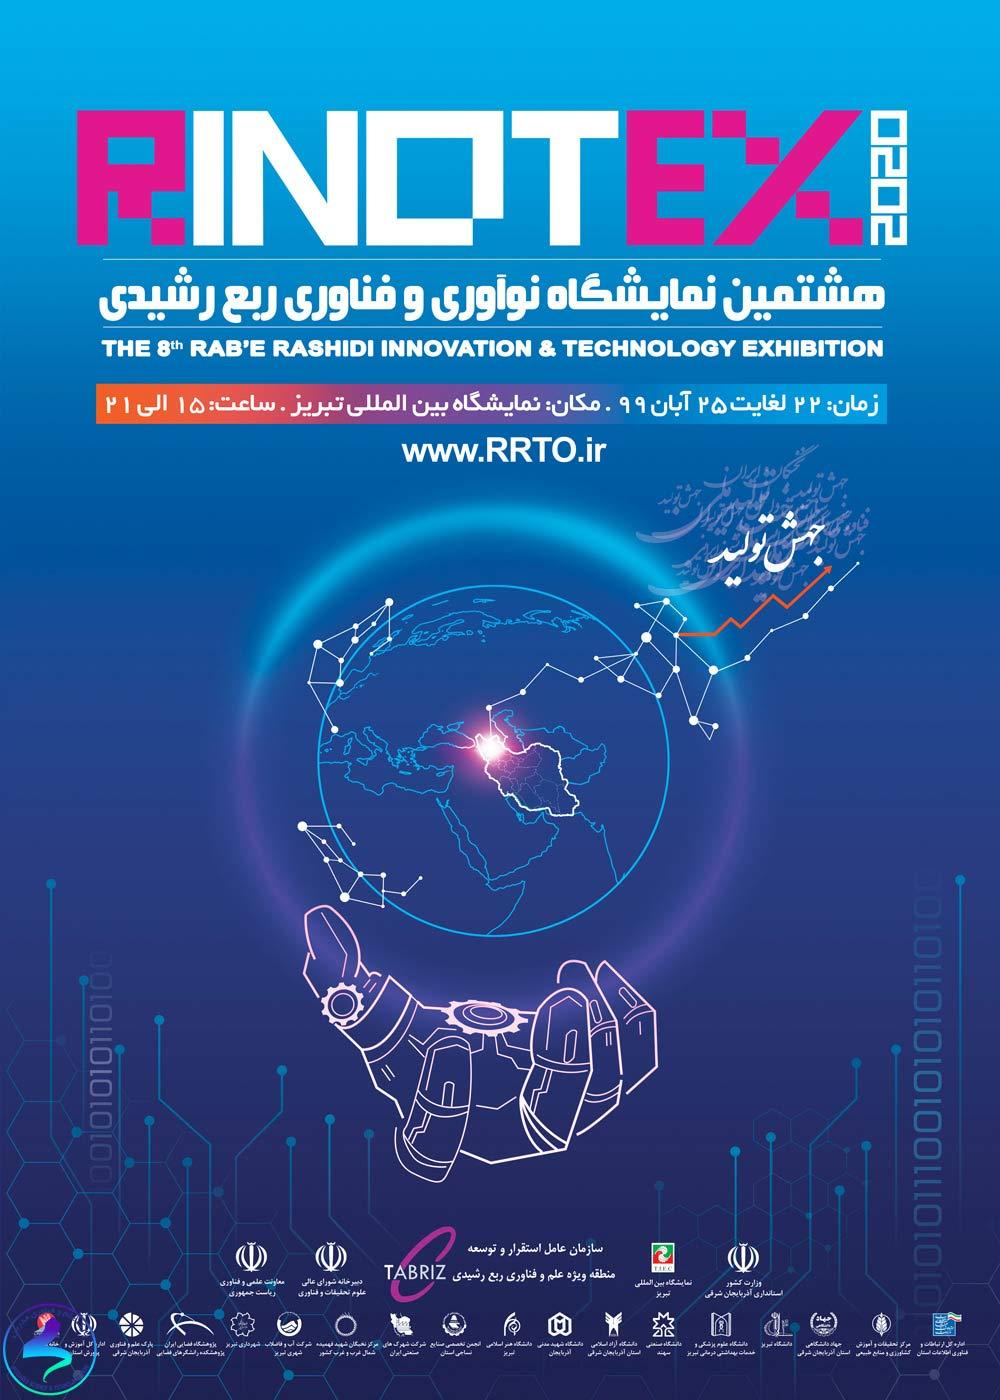 برگزاری نمایشگاه نوآوری و فناوری ربع رشیدی